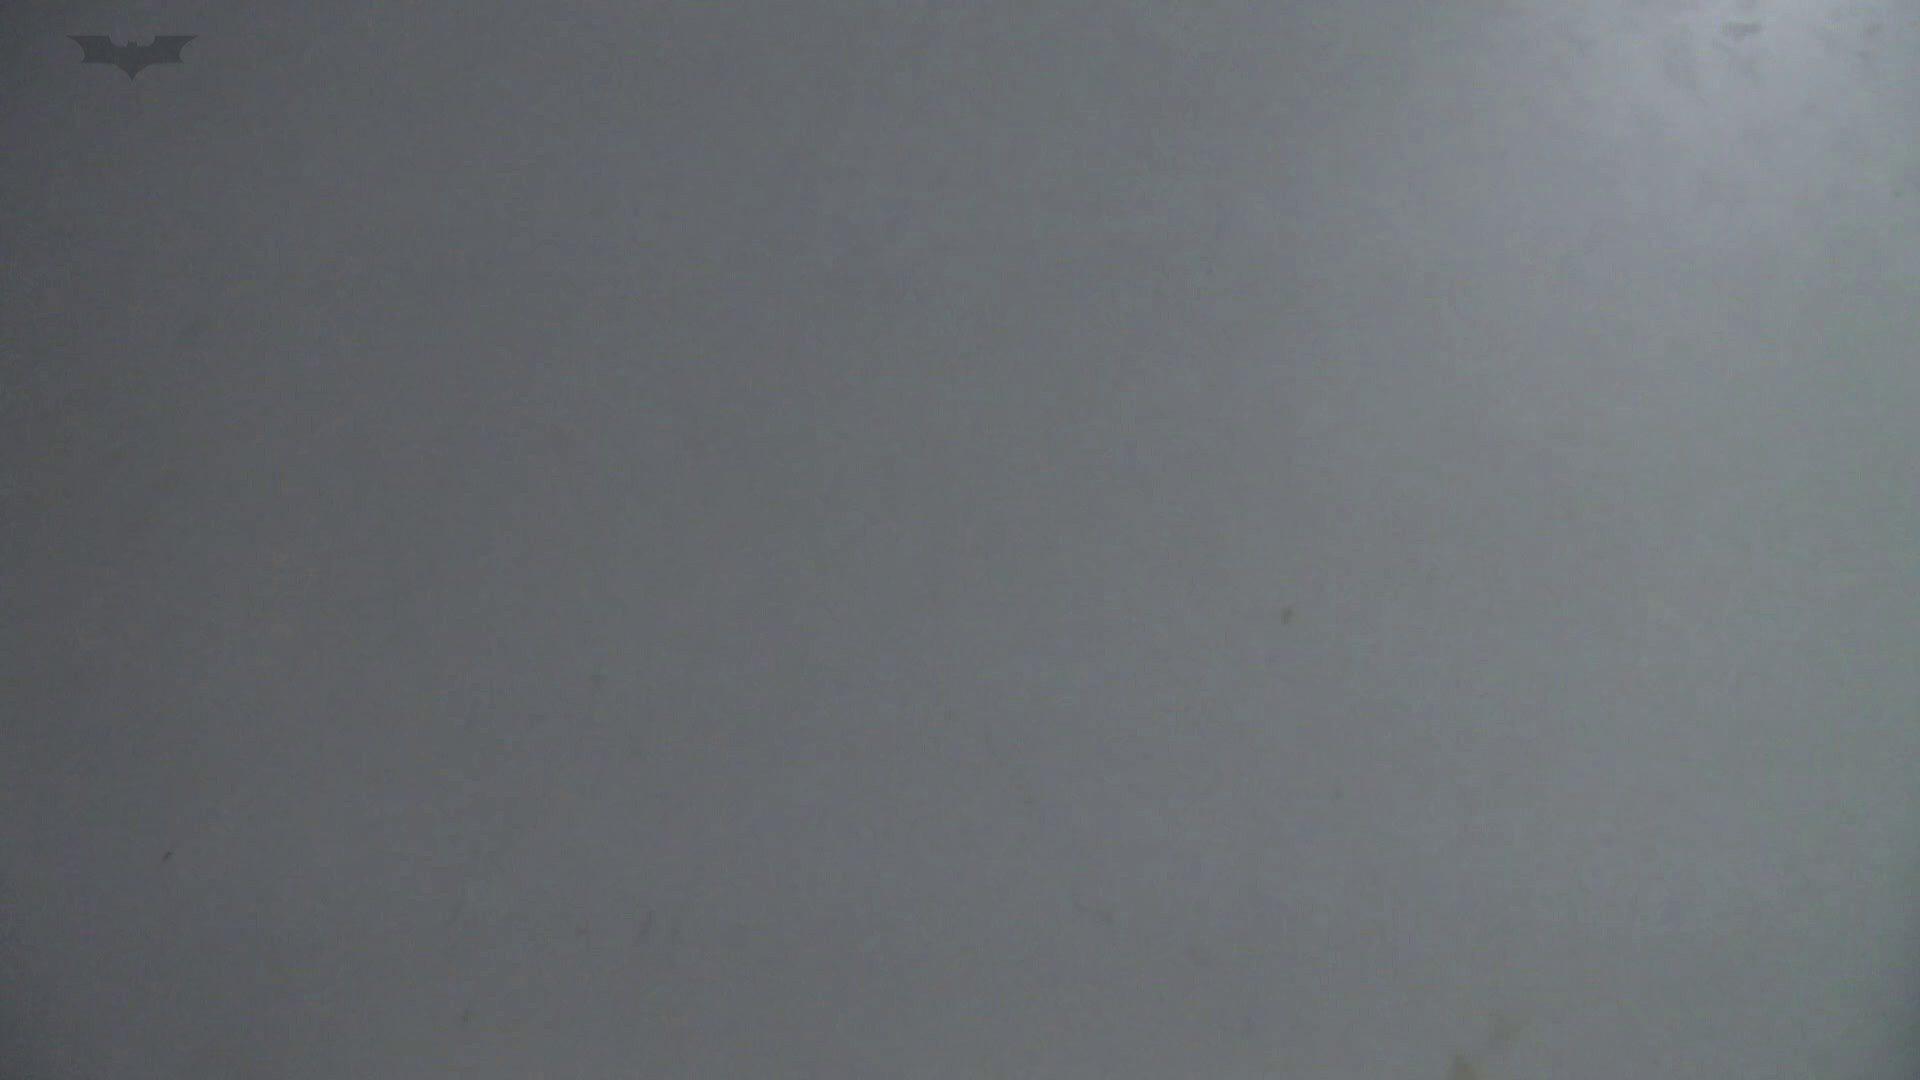 ▲復活限定▲マンコ丸見え!花火大会潜入撮 Vol.02 明るい場所に移動! 期間限定動画 おまんこ無修正動画無料 112枚 80